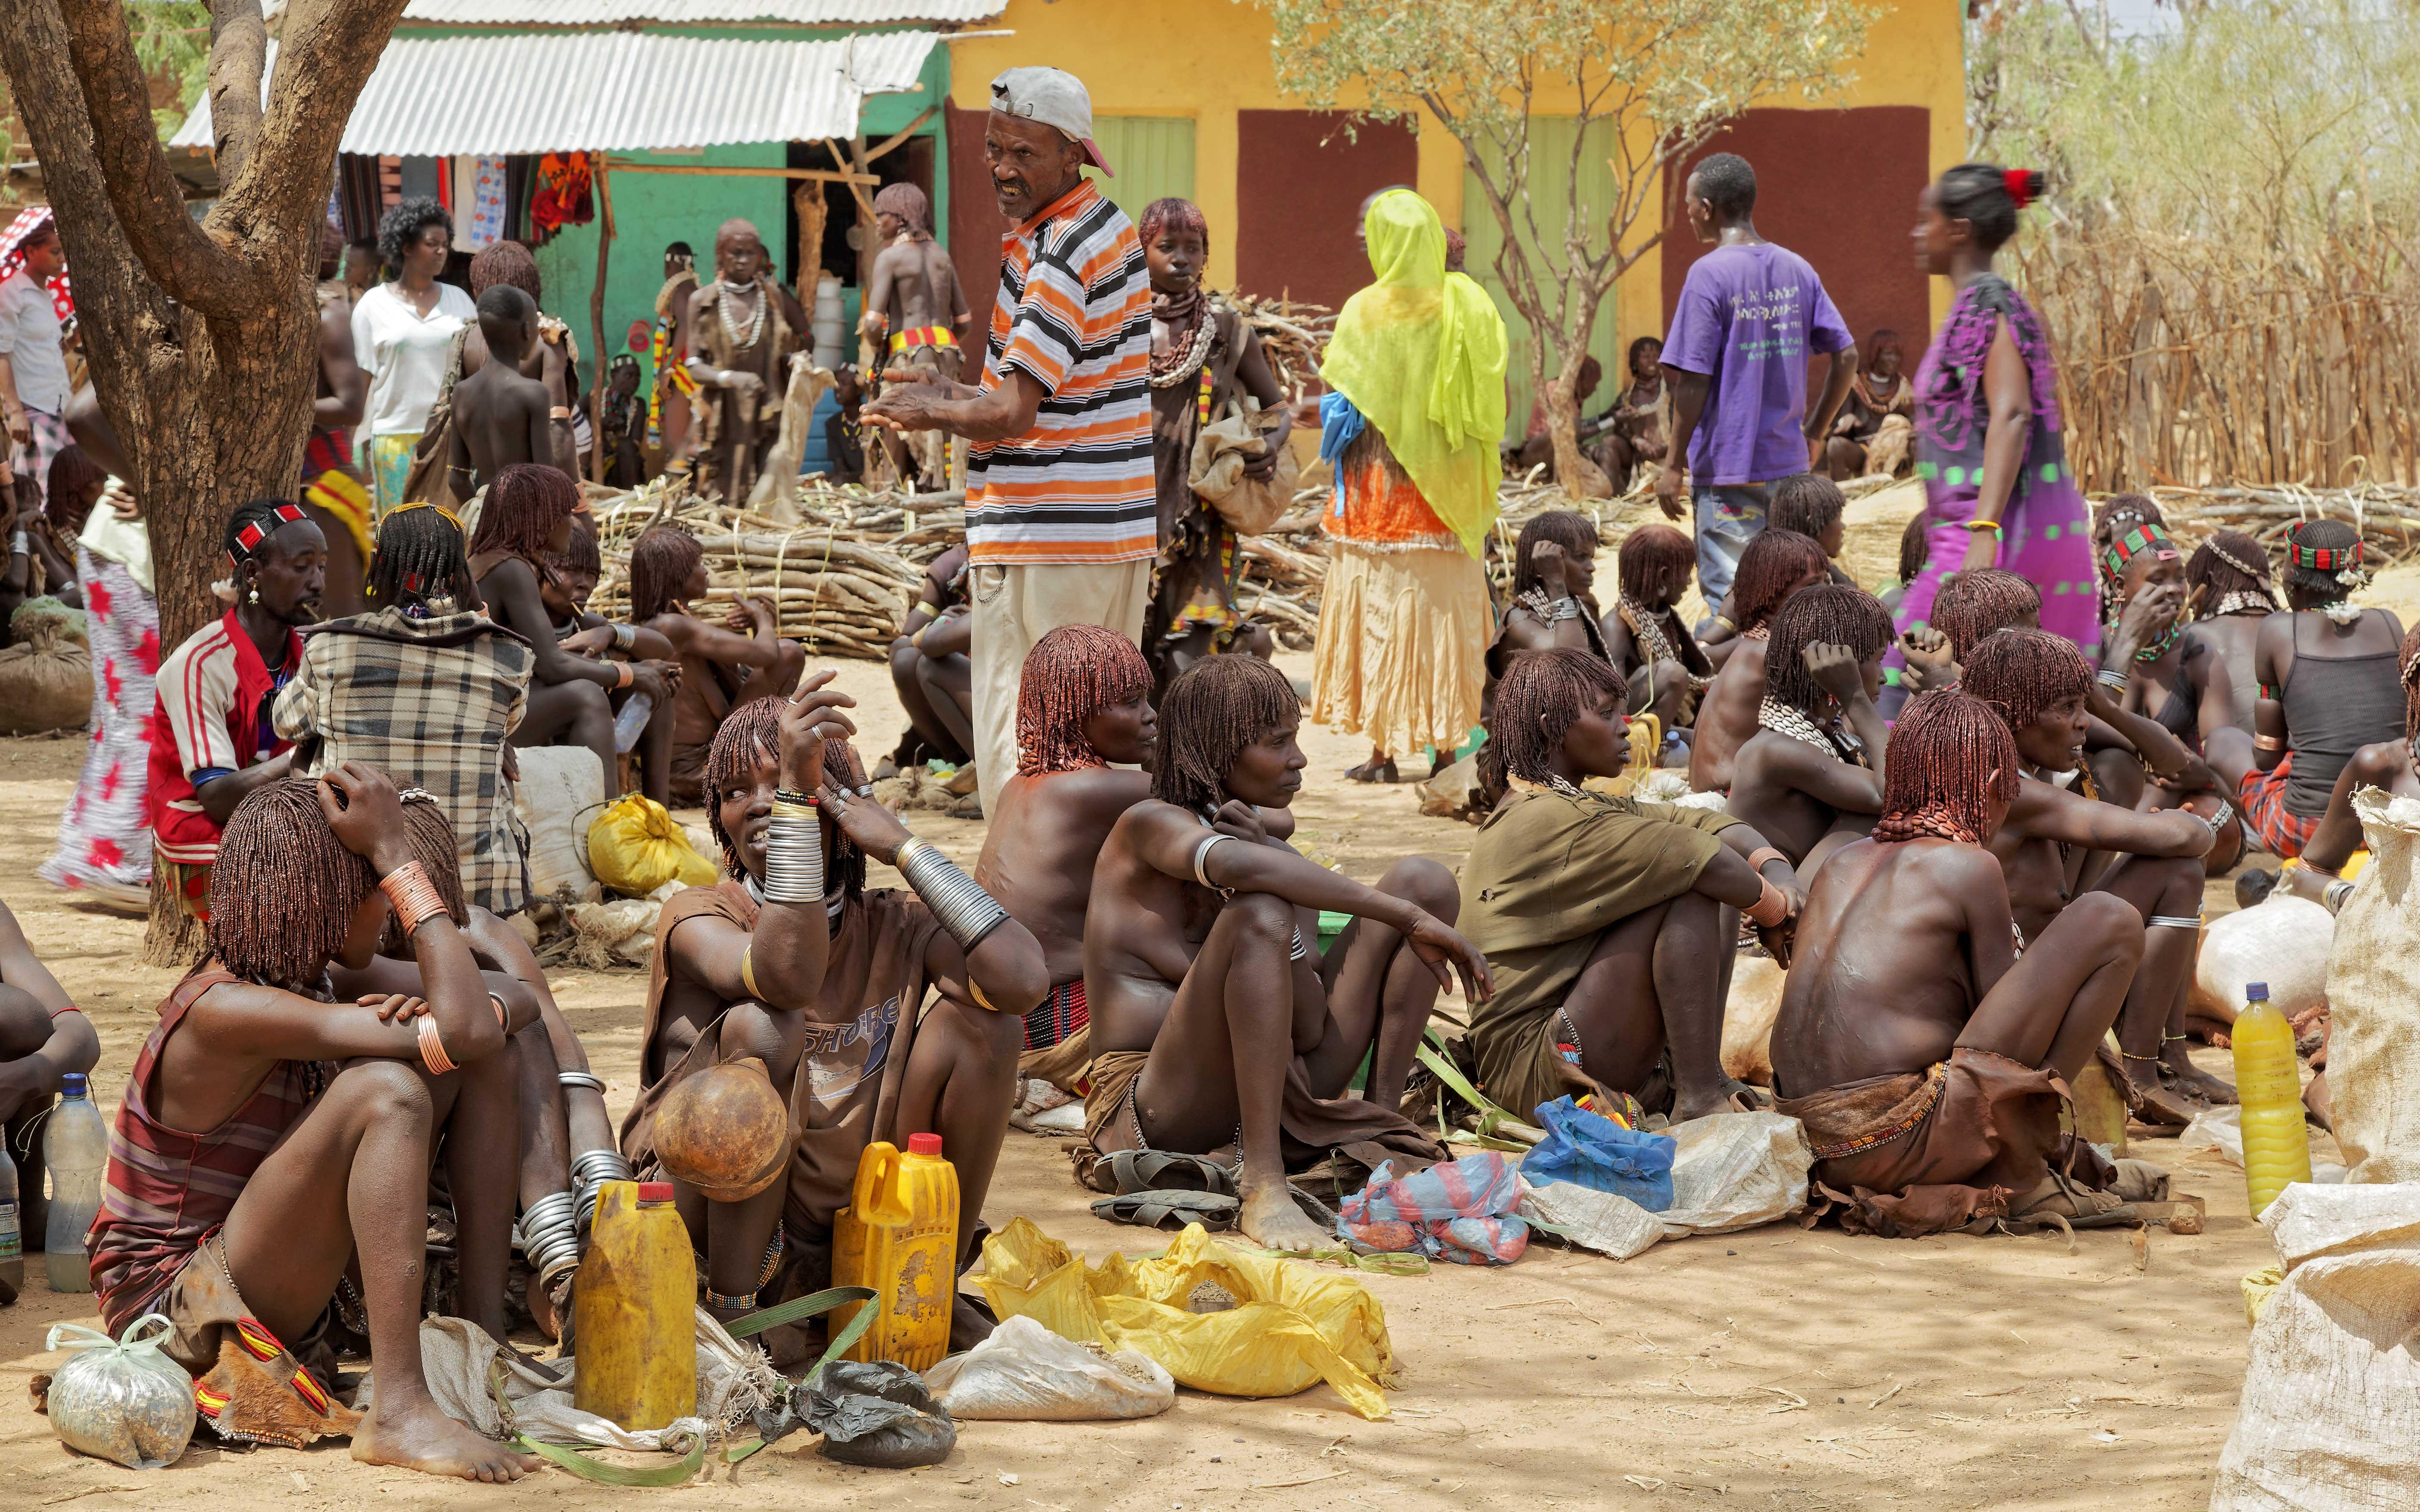 Les peuples hammer sur le marche a Turmi, Ethiopie